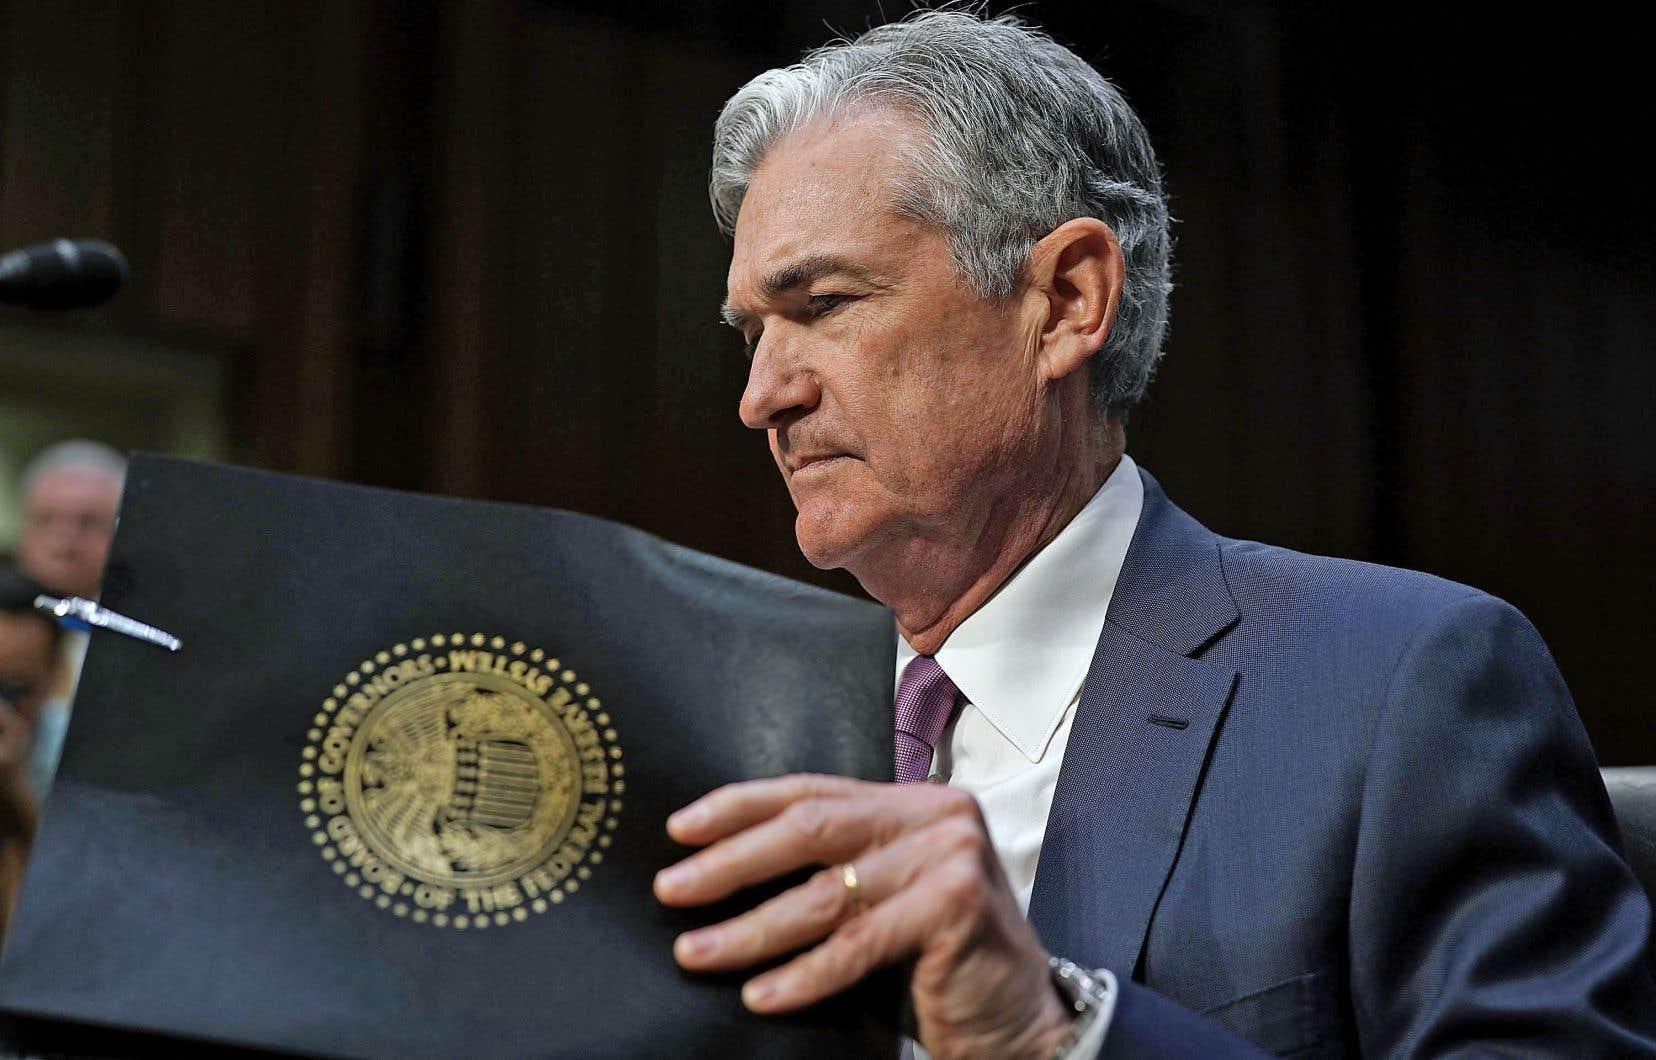 Entamée jeudi et devant prendre fin samedi, la rencontre des banquiers centraux du monde aura, comme chaque fois, comme clou du spectacle un discours du président de la Fed, Jerome Powell.